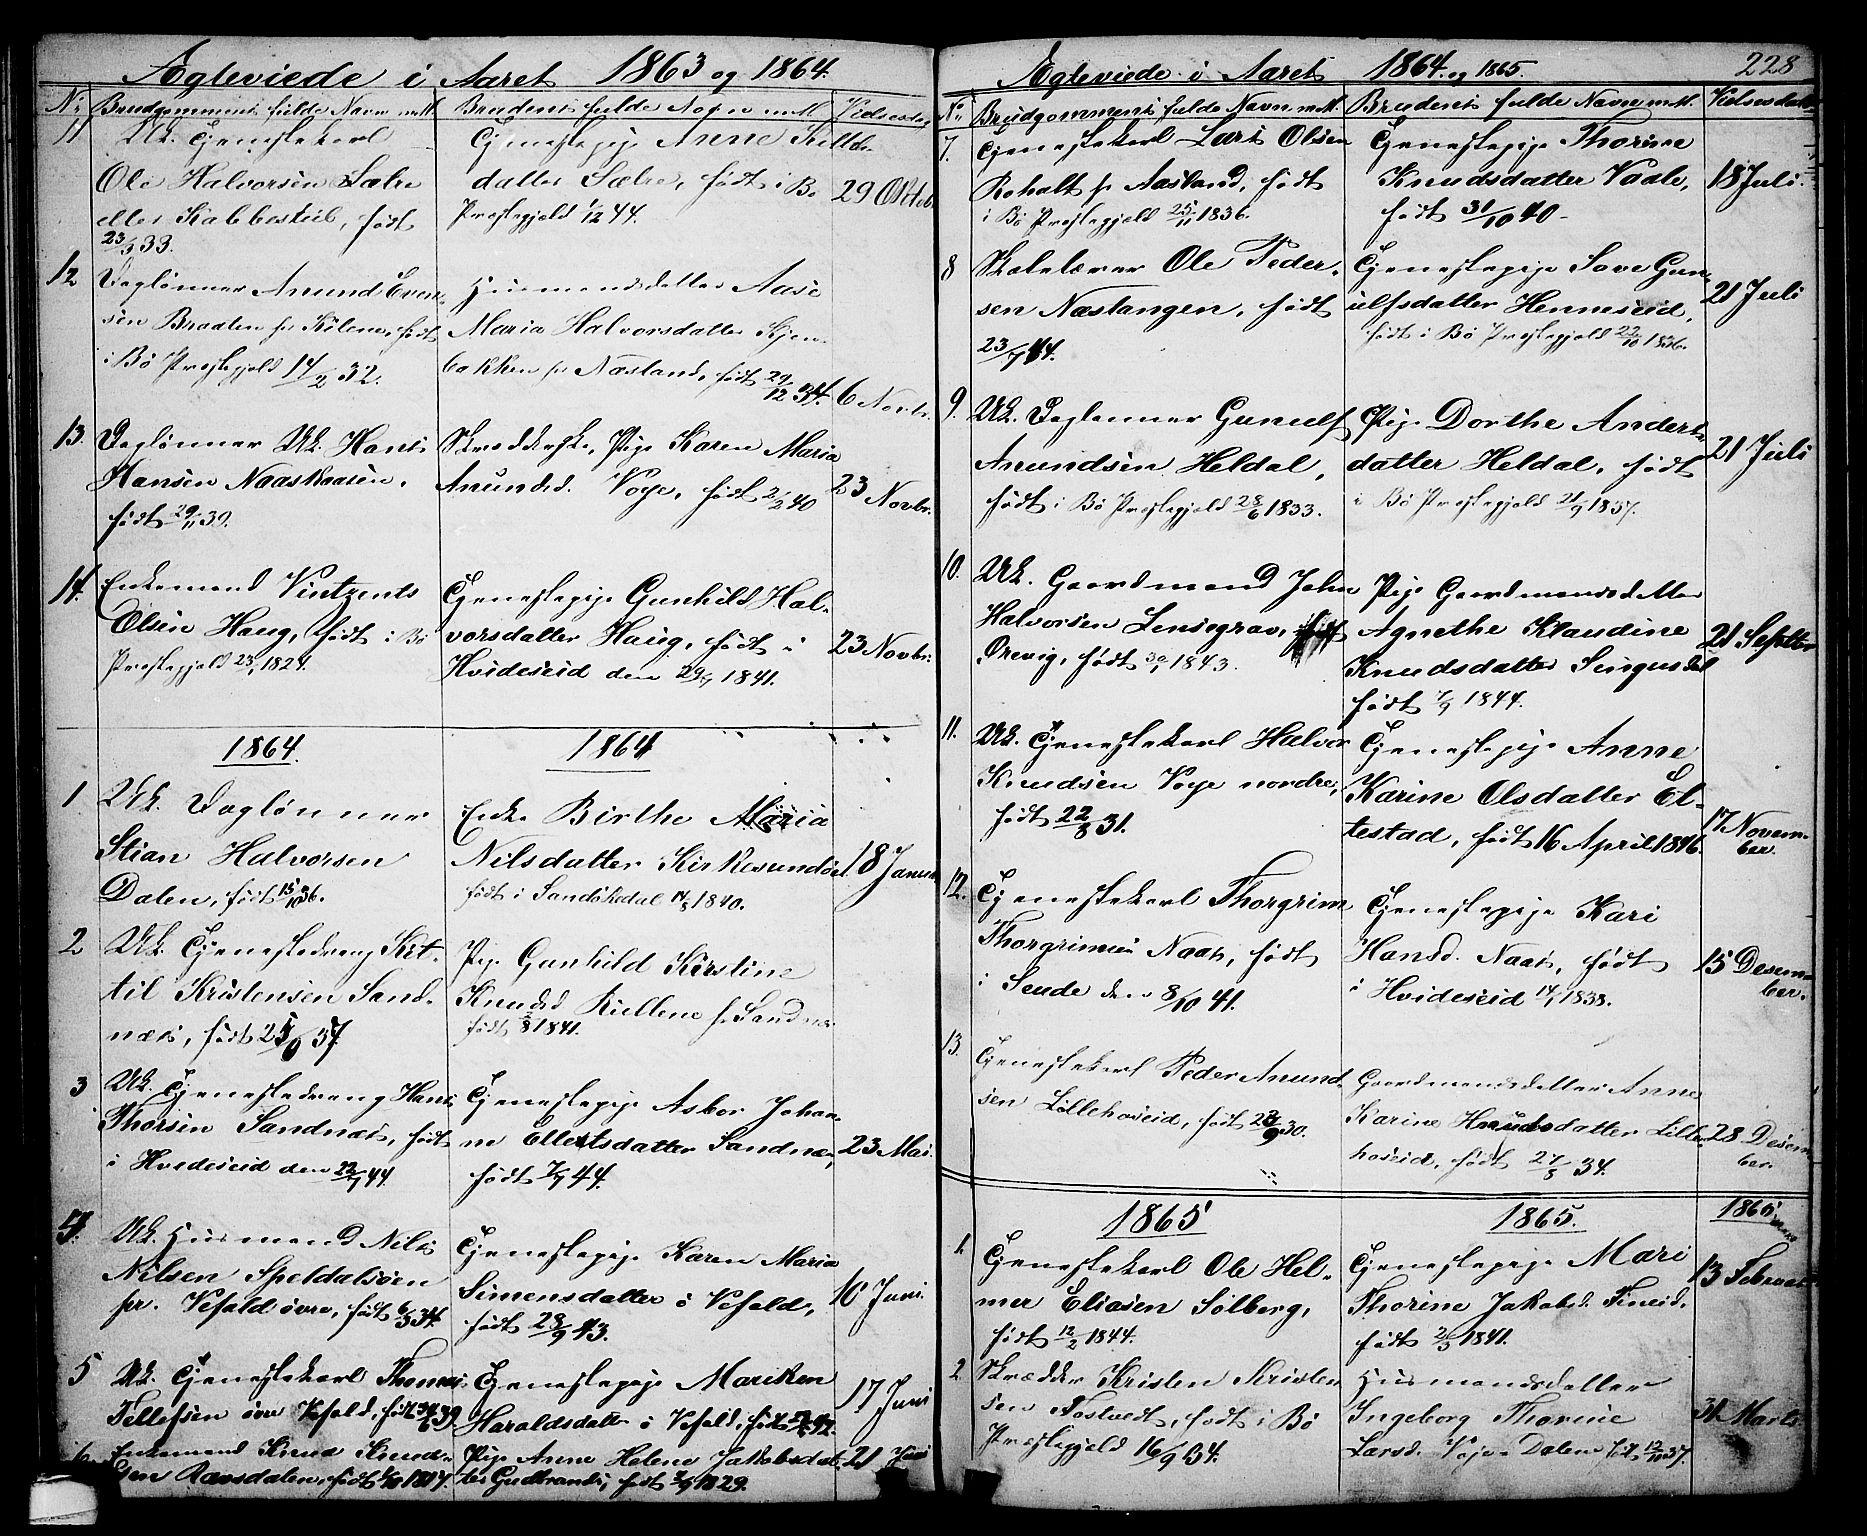 SAKO, Drangedal kirkebøker, G/Ga/L0002: Klokkerbok nr. I 2, 1856-1887, s. 228